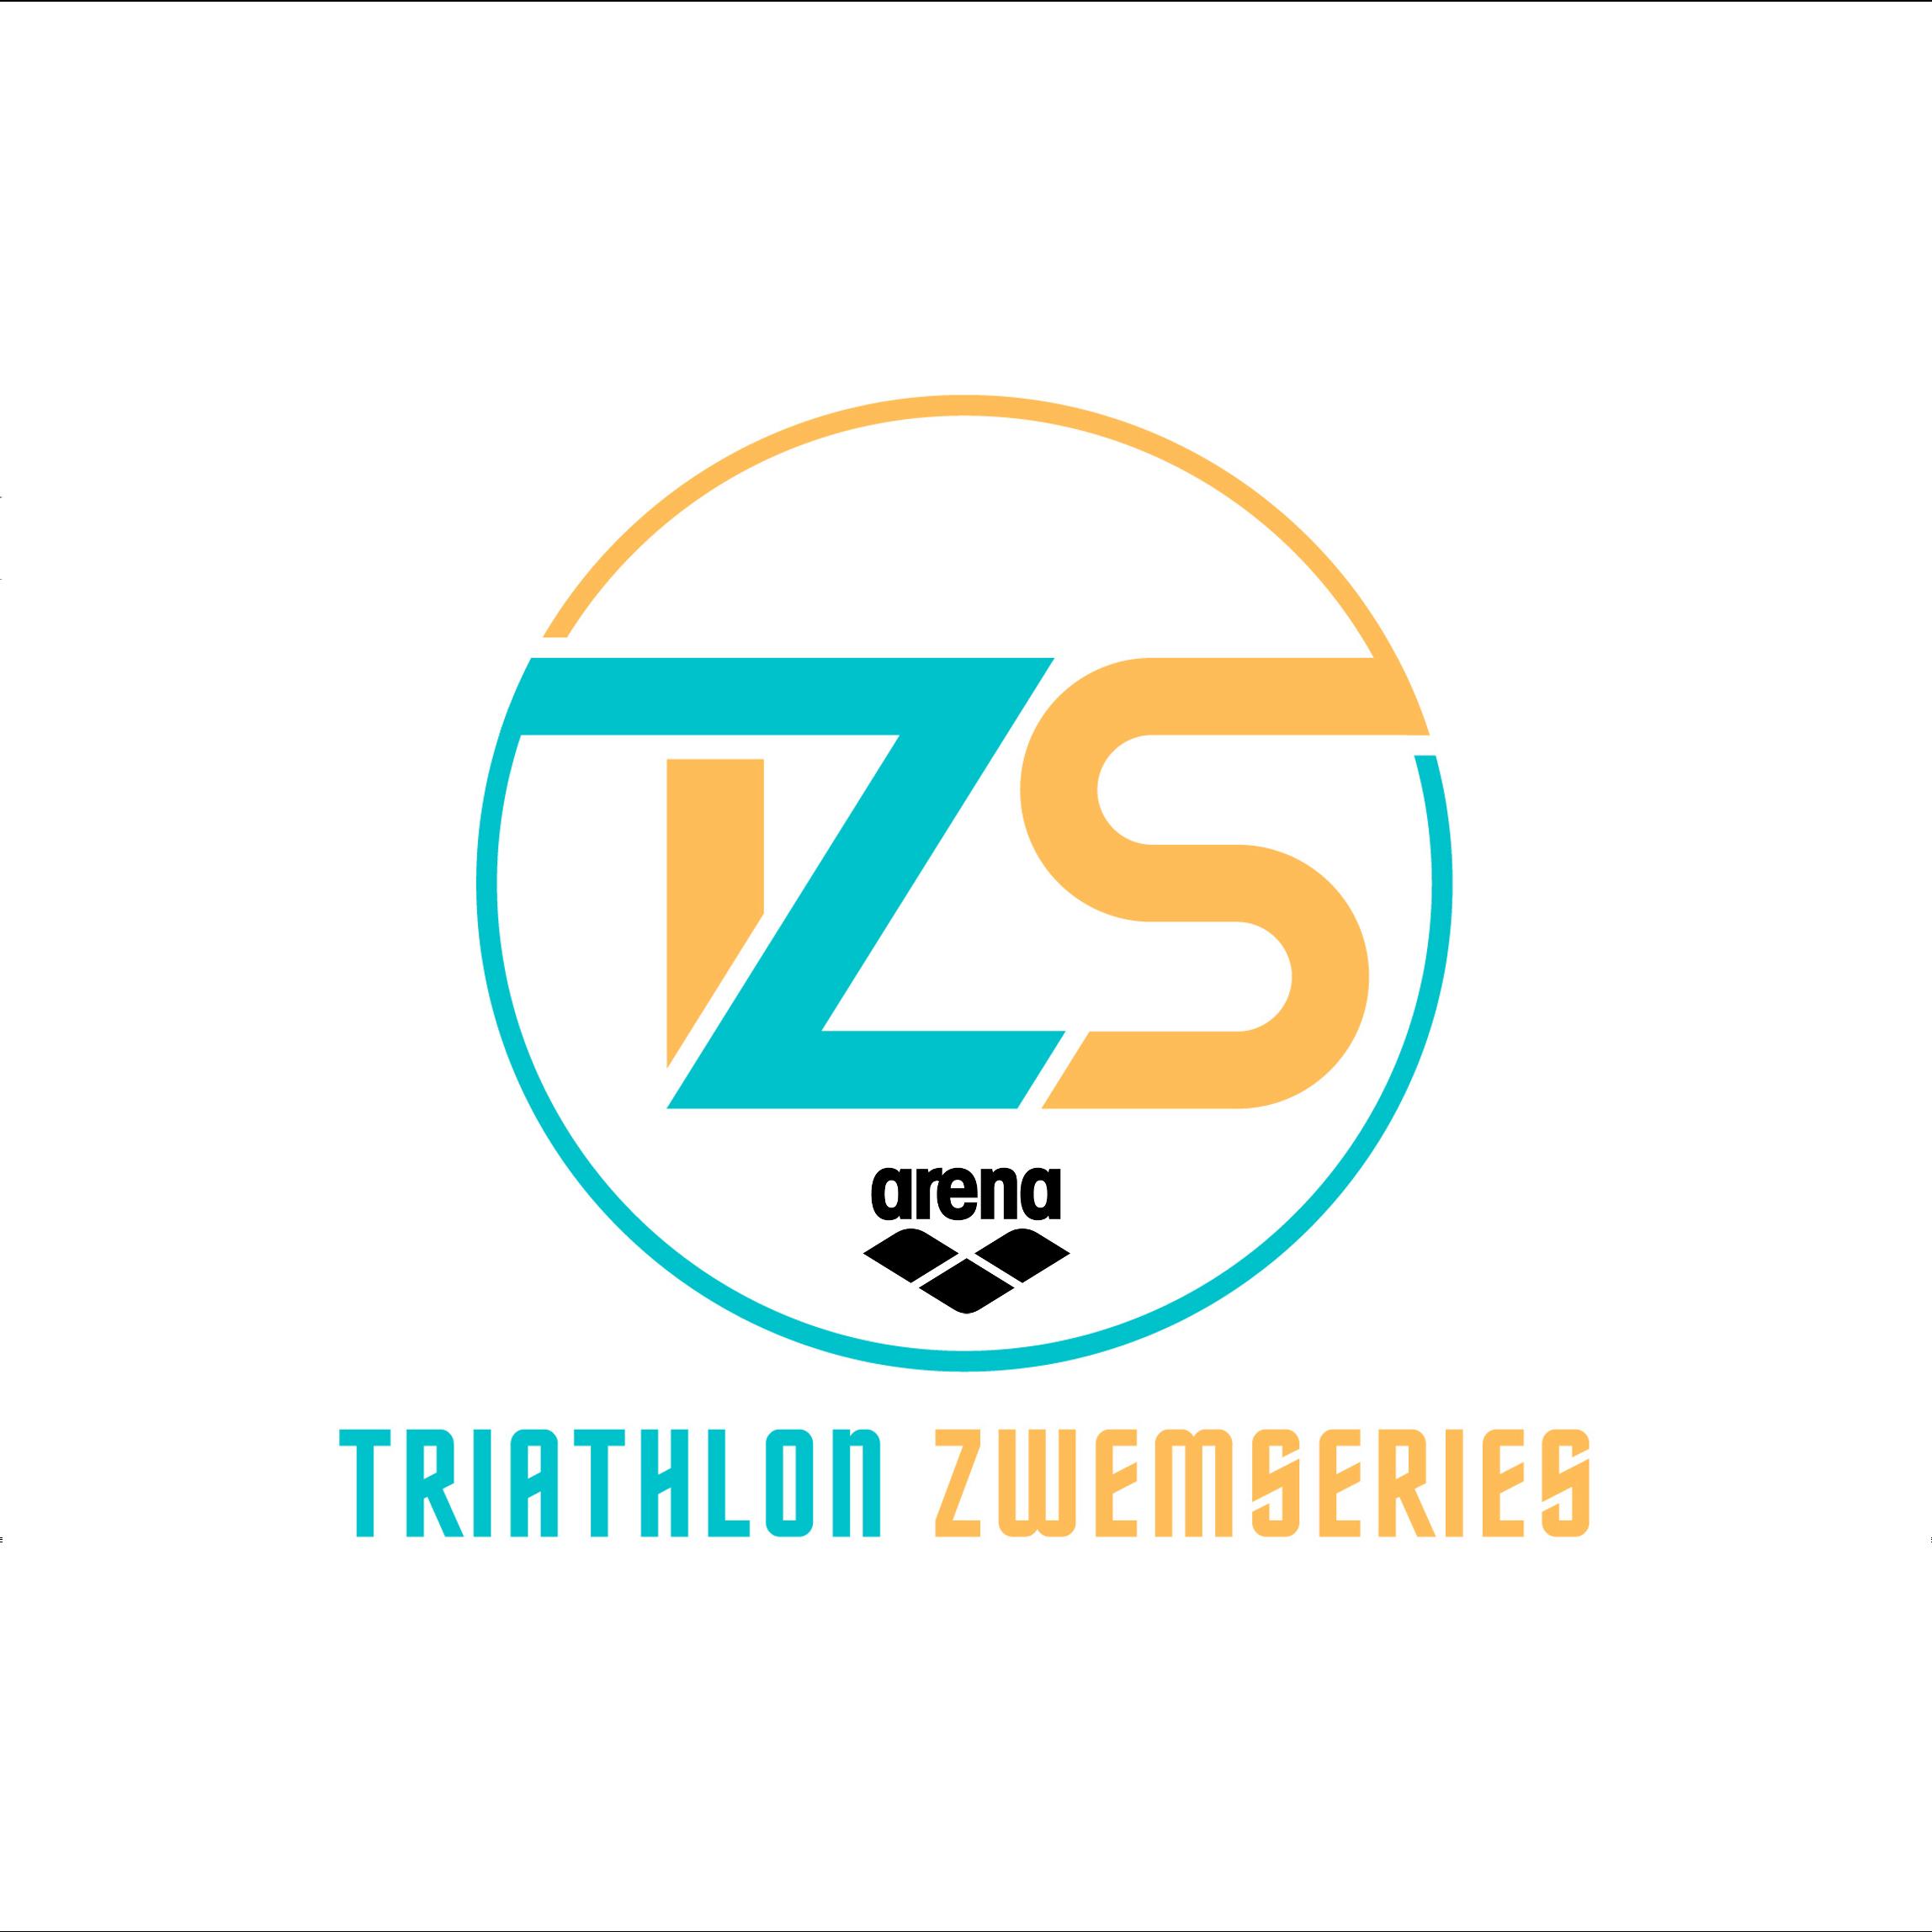 Inzwemmen 500m series